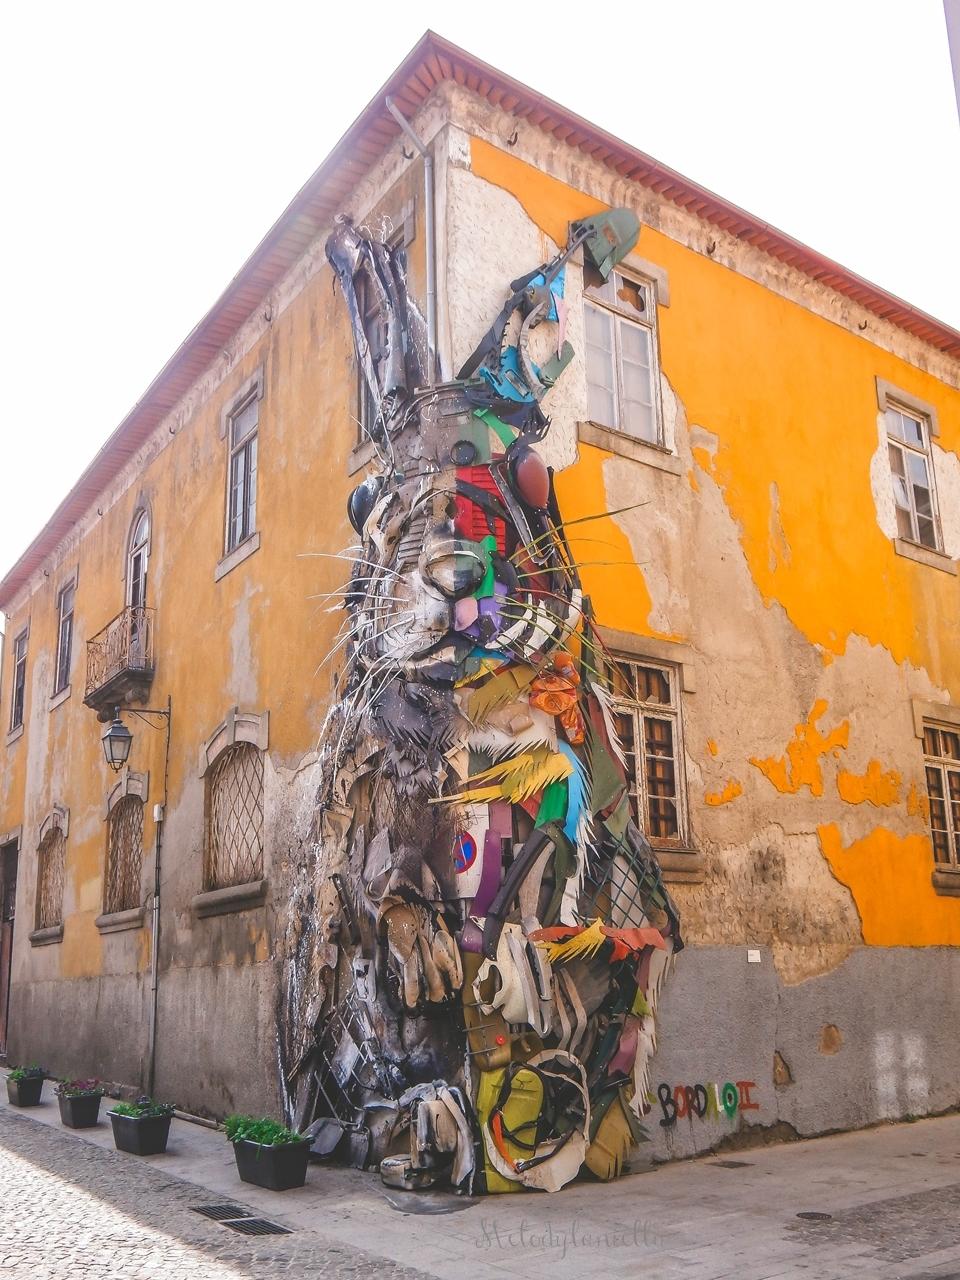 6 Half Rabit by Bordalo II in Vila Nova de Gaia-2  co zobaczyć w Porto w portugalii ciekawe miejsca musisz zobaczyć top miejsc w porto zabytki piękne uliczki miejsca godne zobaczenia blog podróżniczy portugalia melodyla